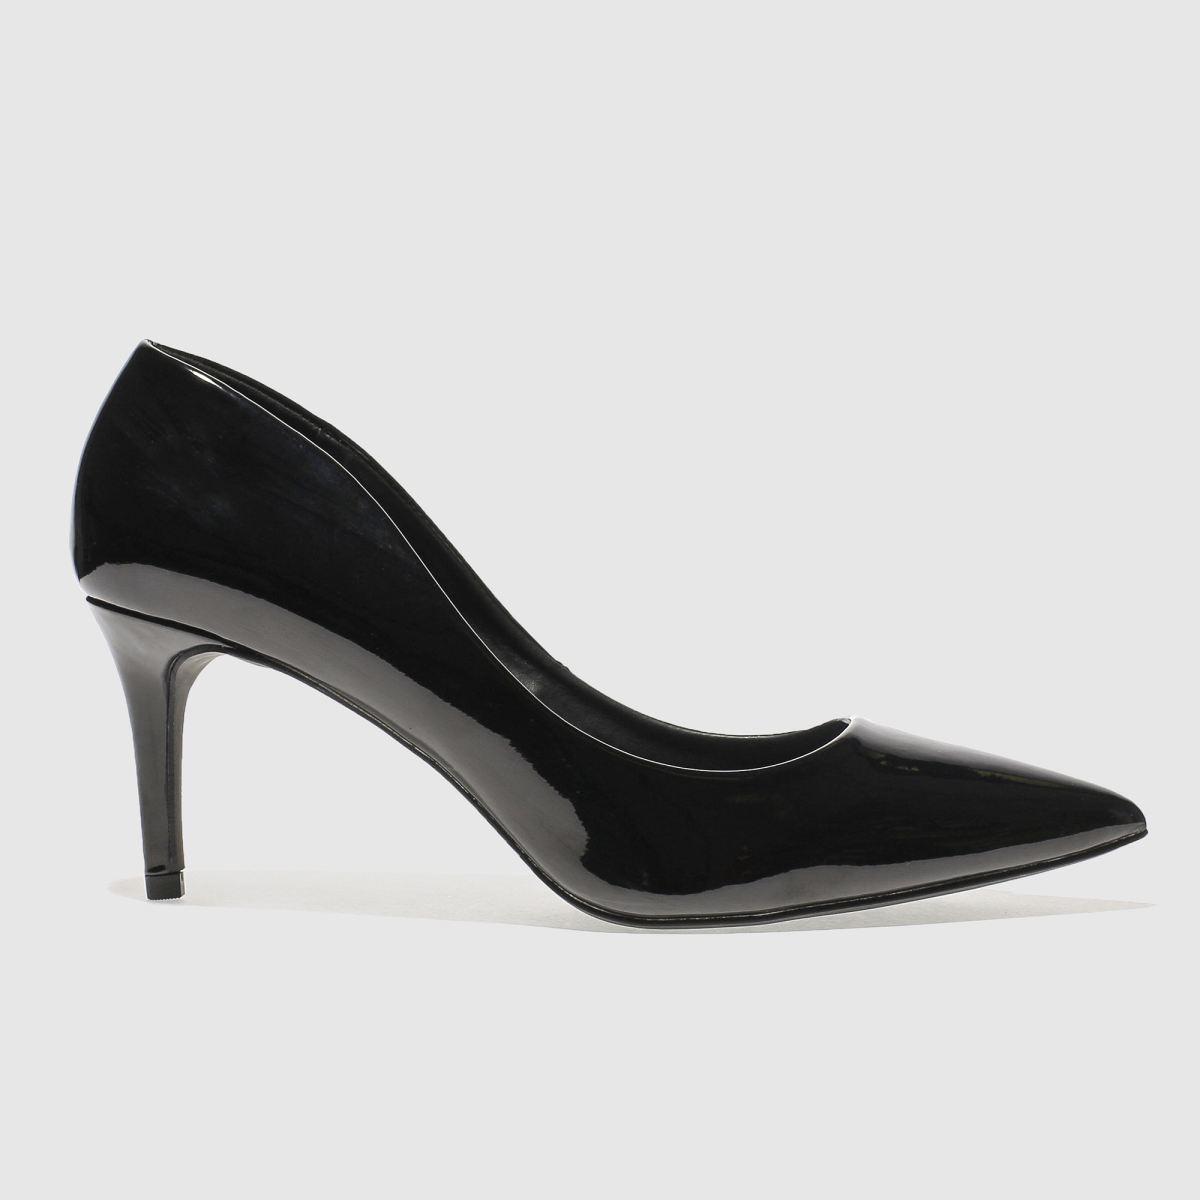 Schuh Black Flutter Low Heels